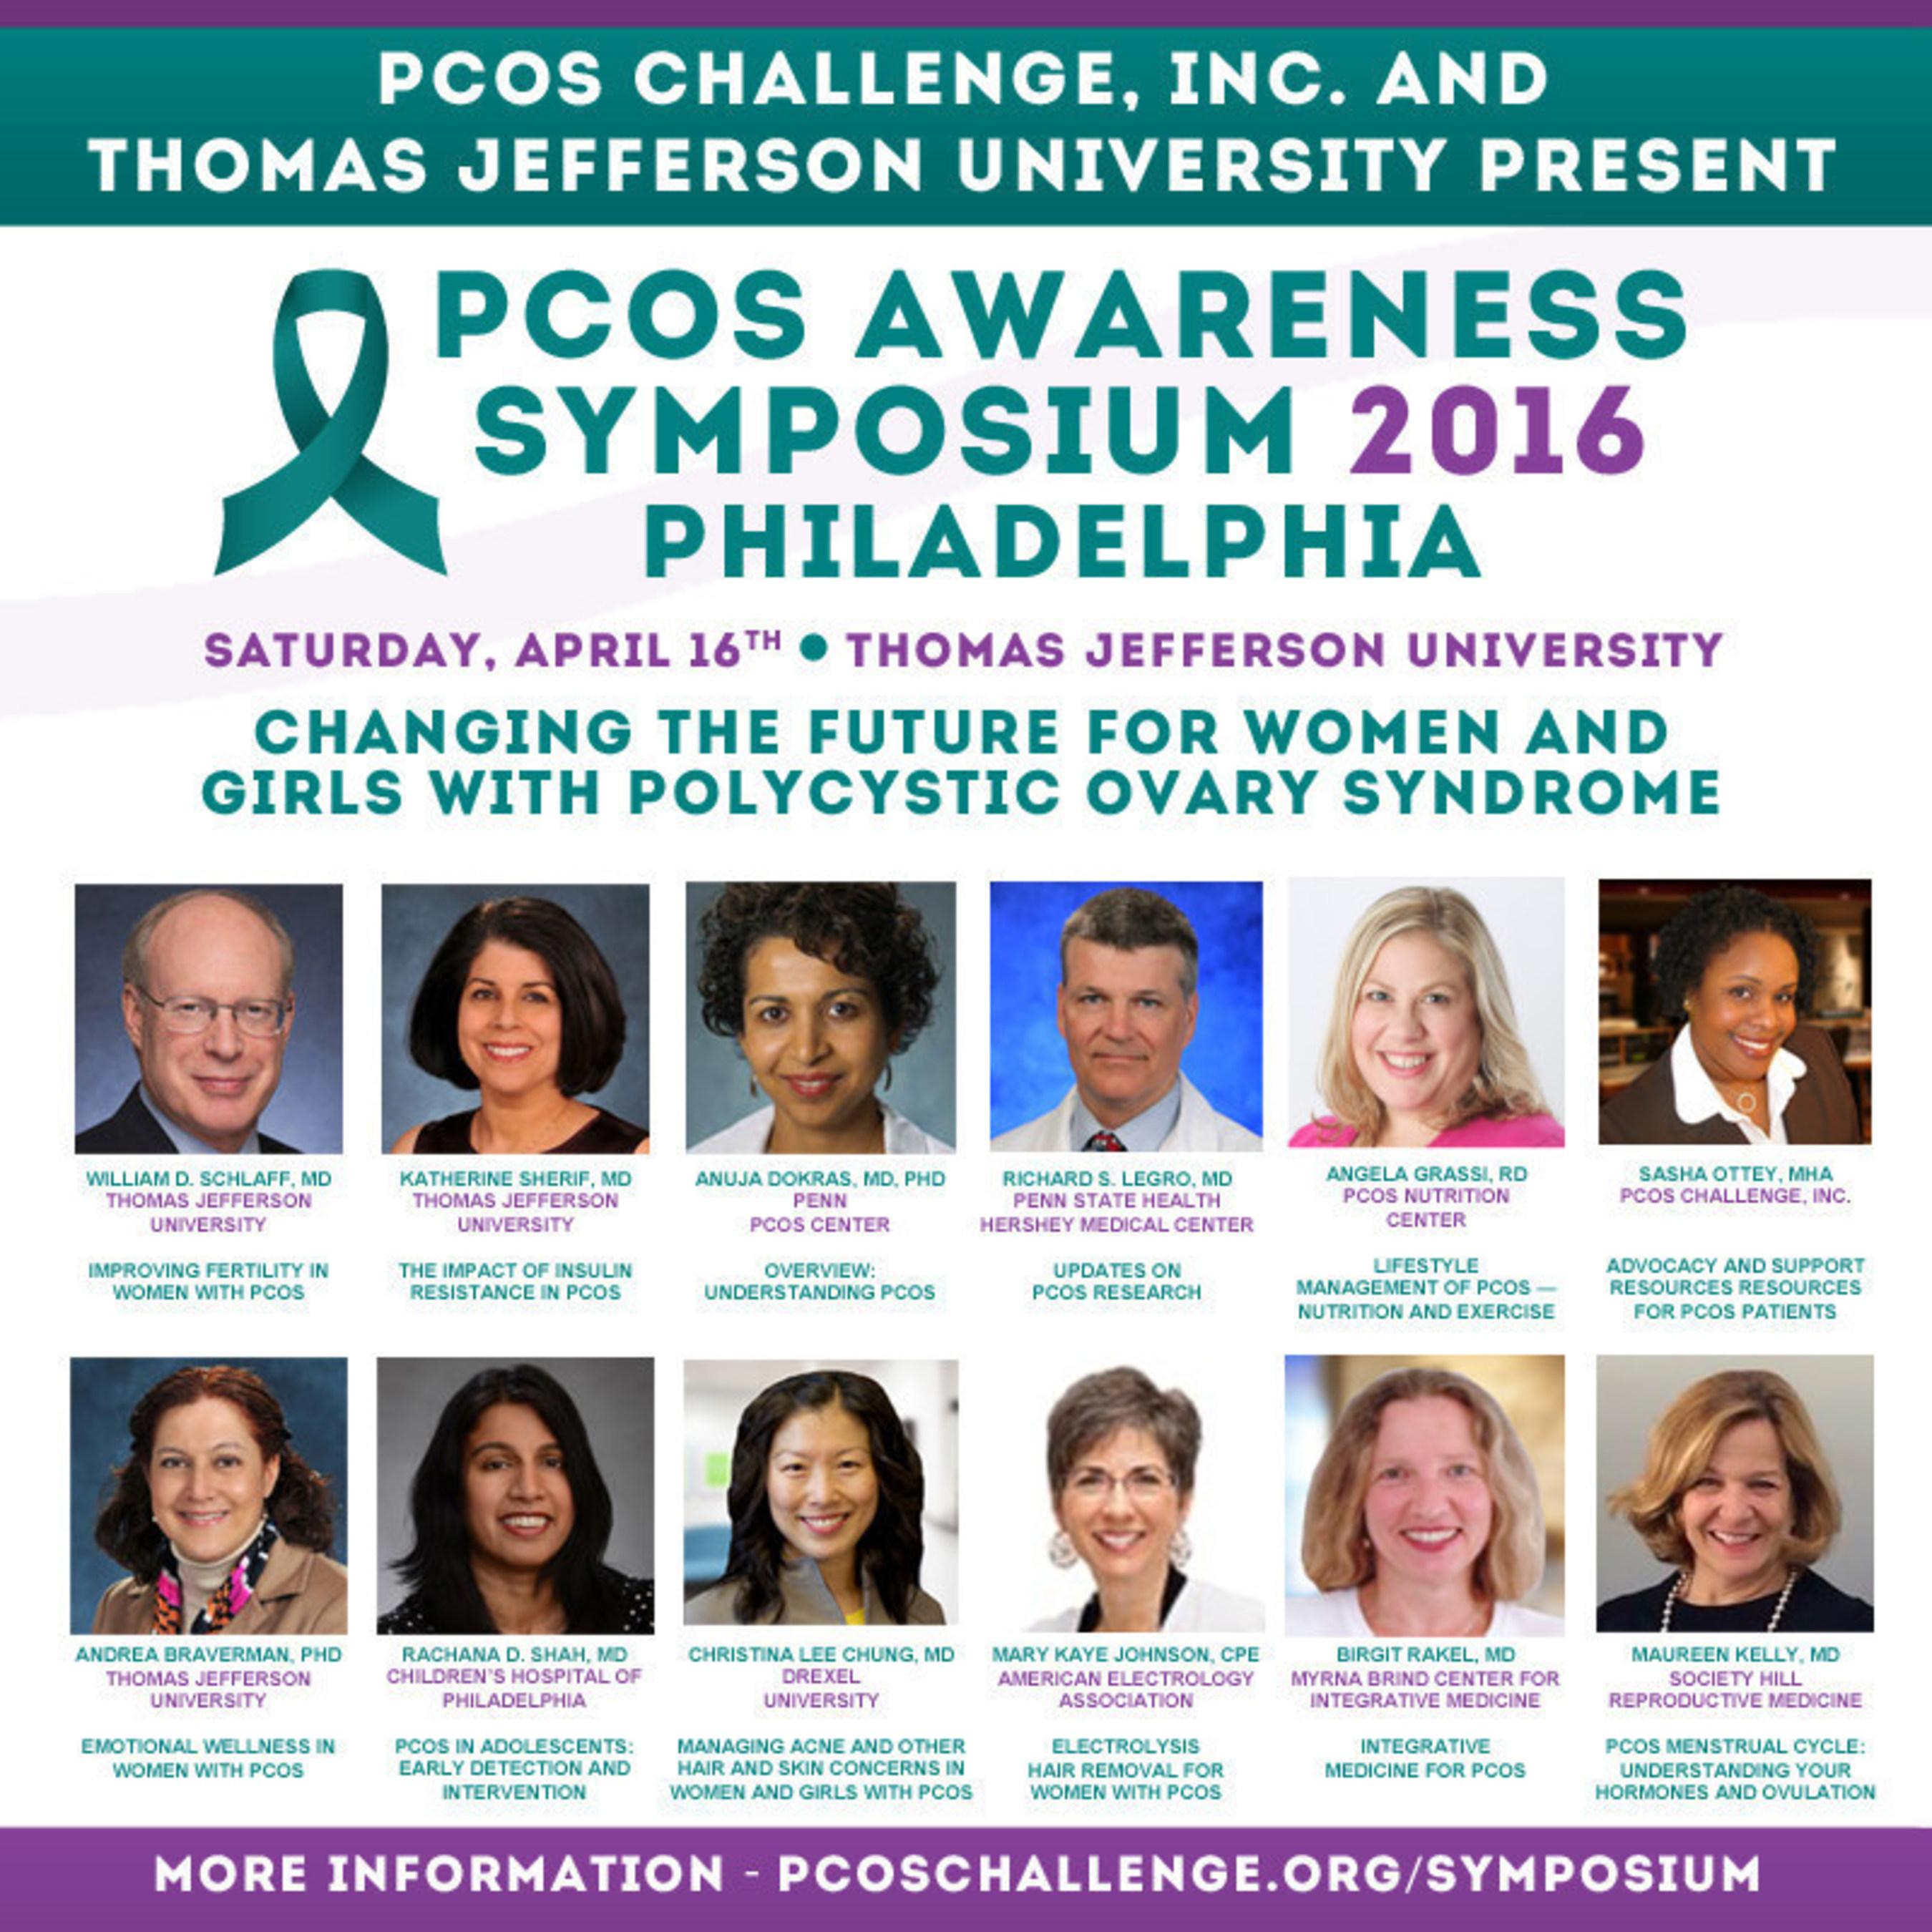 PCOS Awareness Symposium Speakers